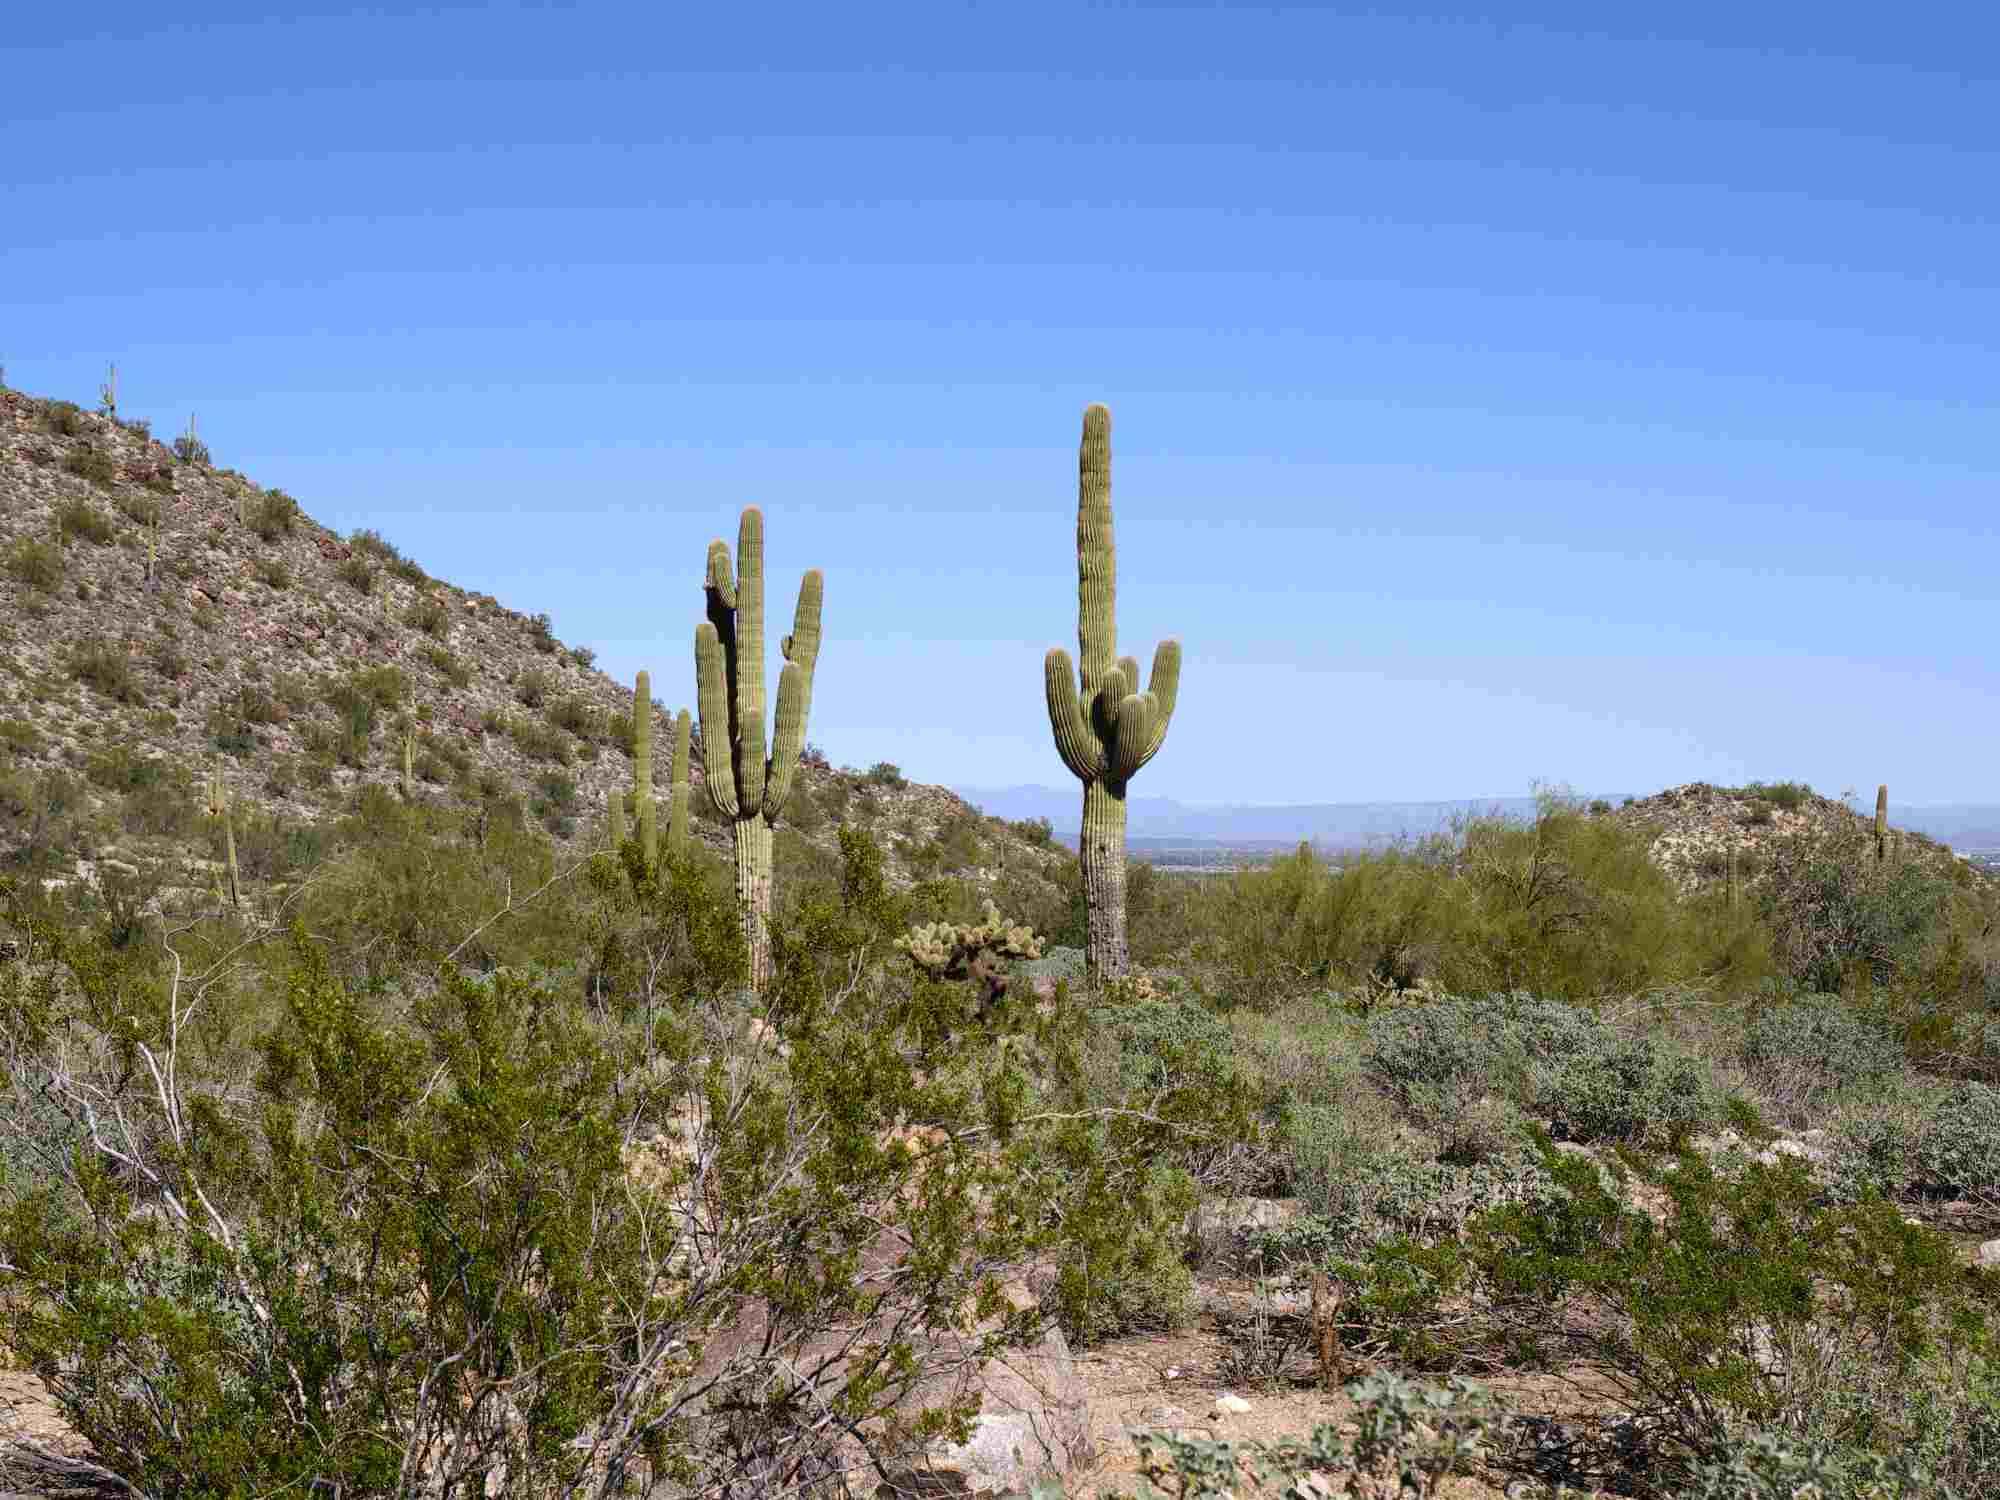 Saguaro Cacti in the White Tank Regional park, white tank mountains